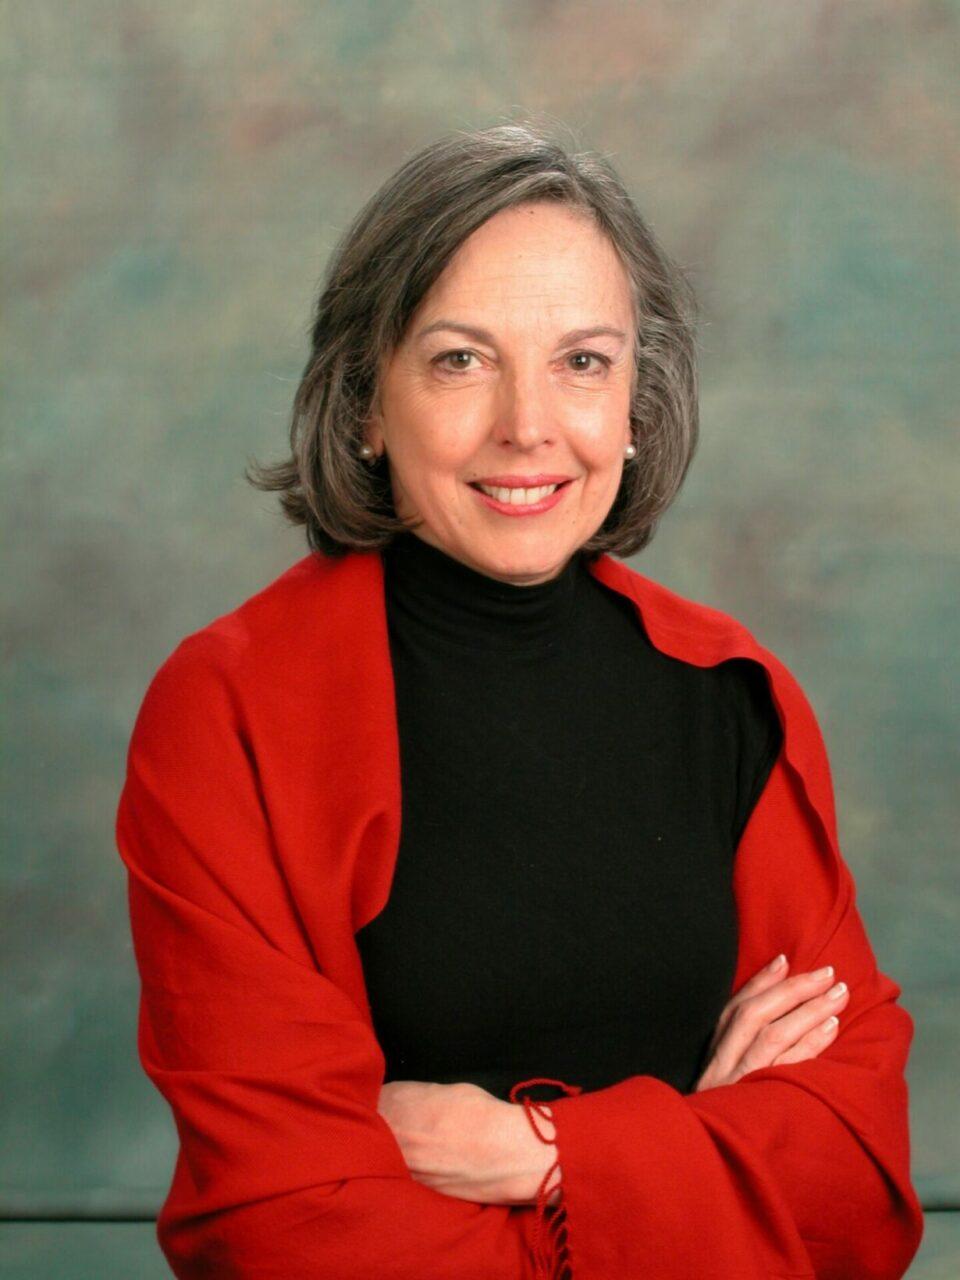 Celeste Johnston